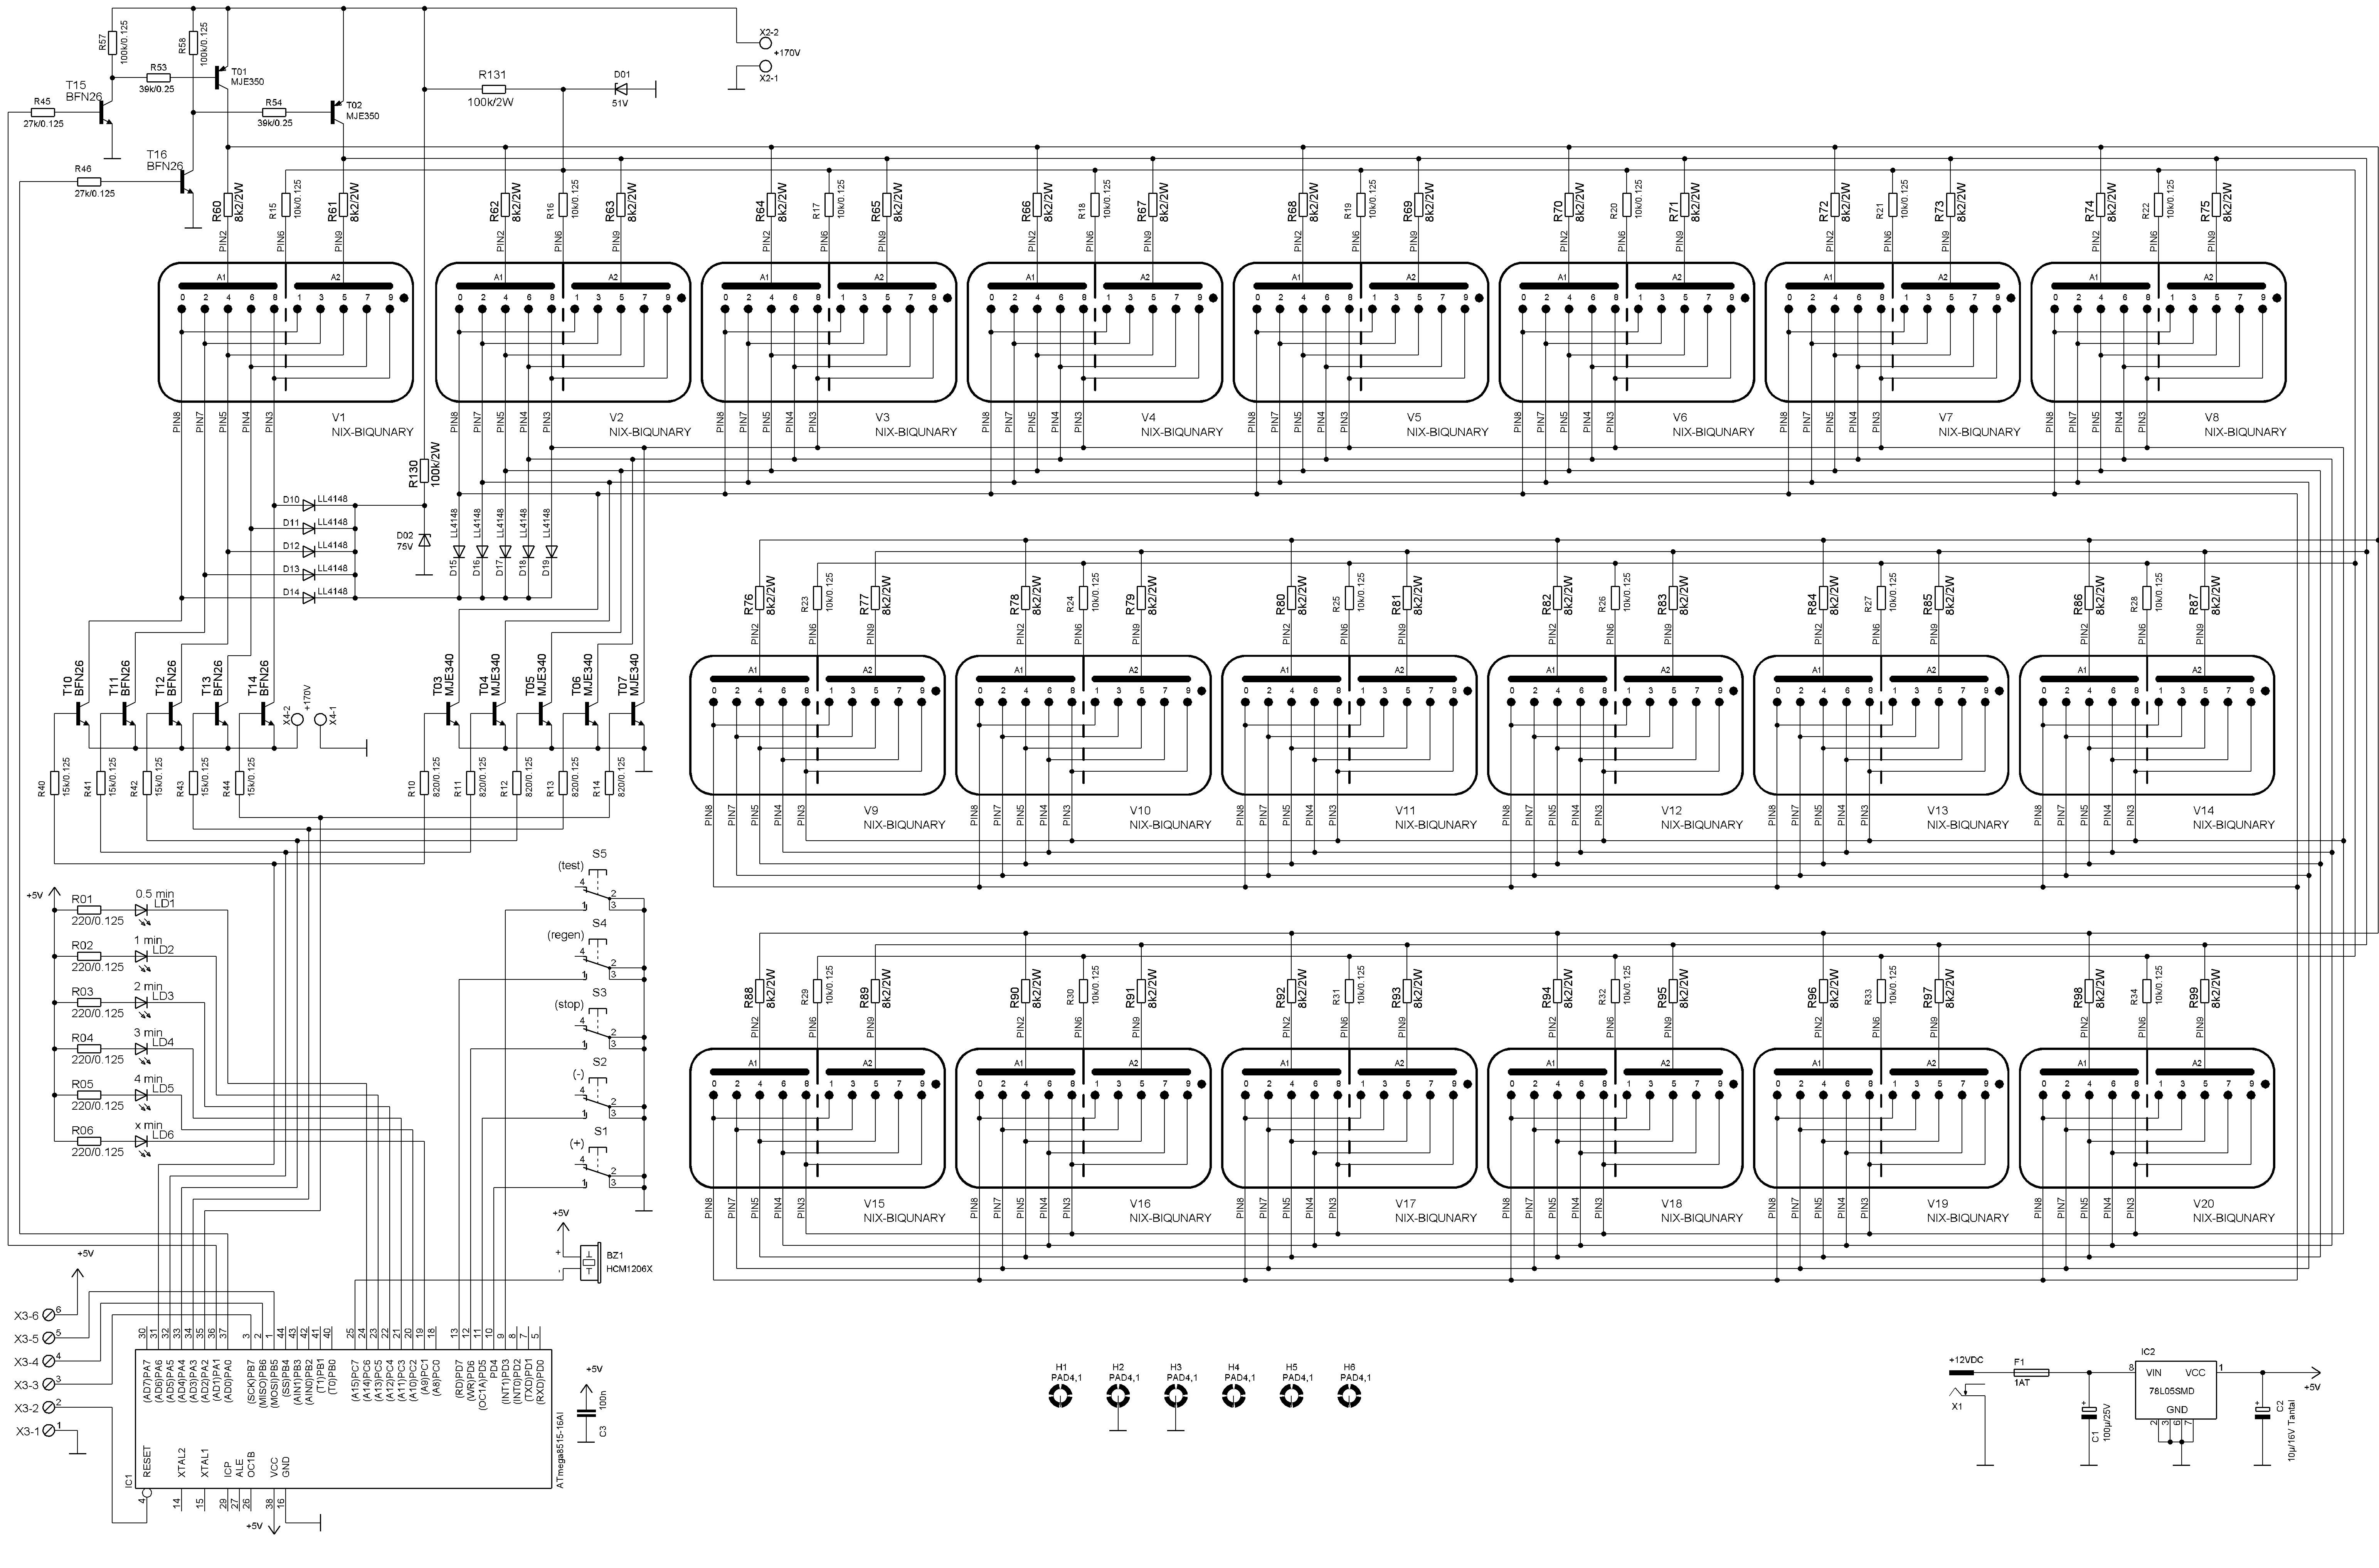 ter's ZM1030 B-5025 Nixie Tube Regenerator ZM1030 B-5025 on